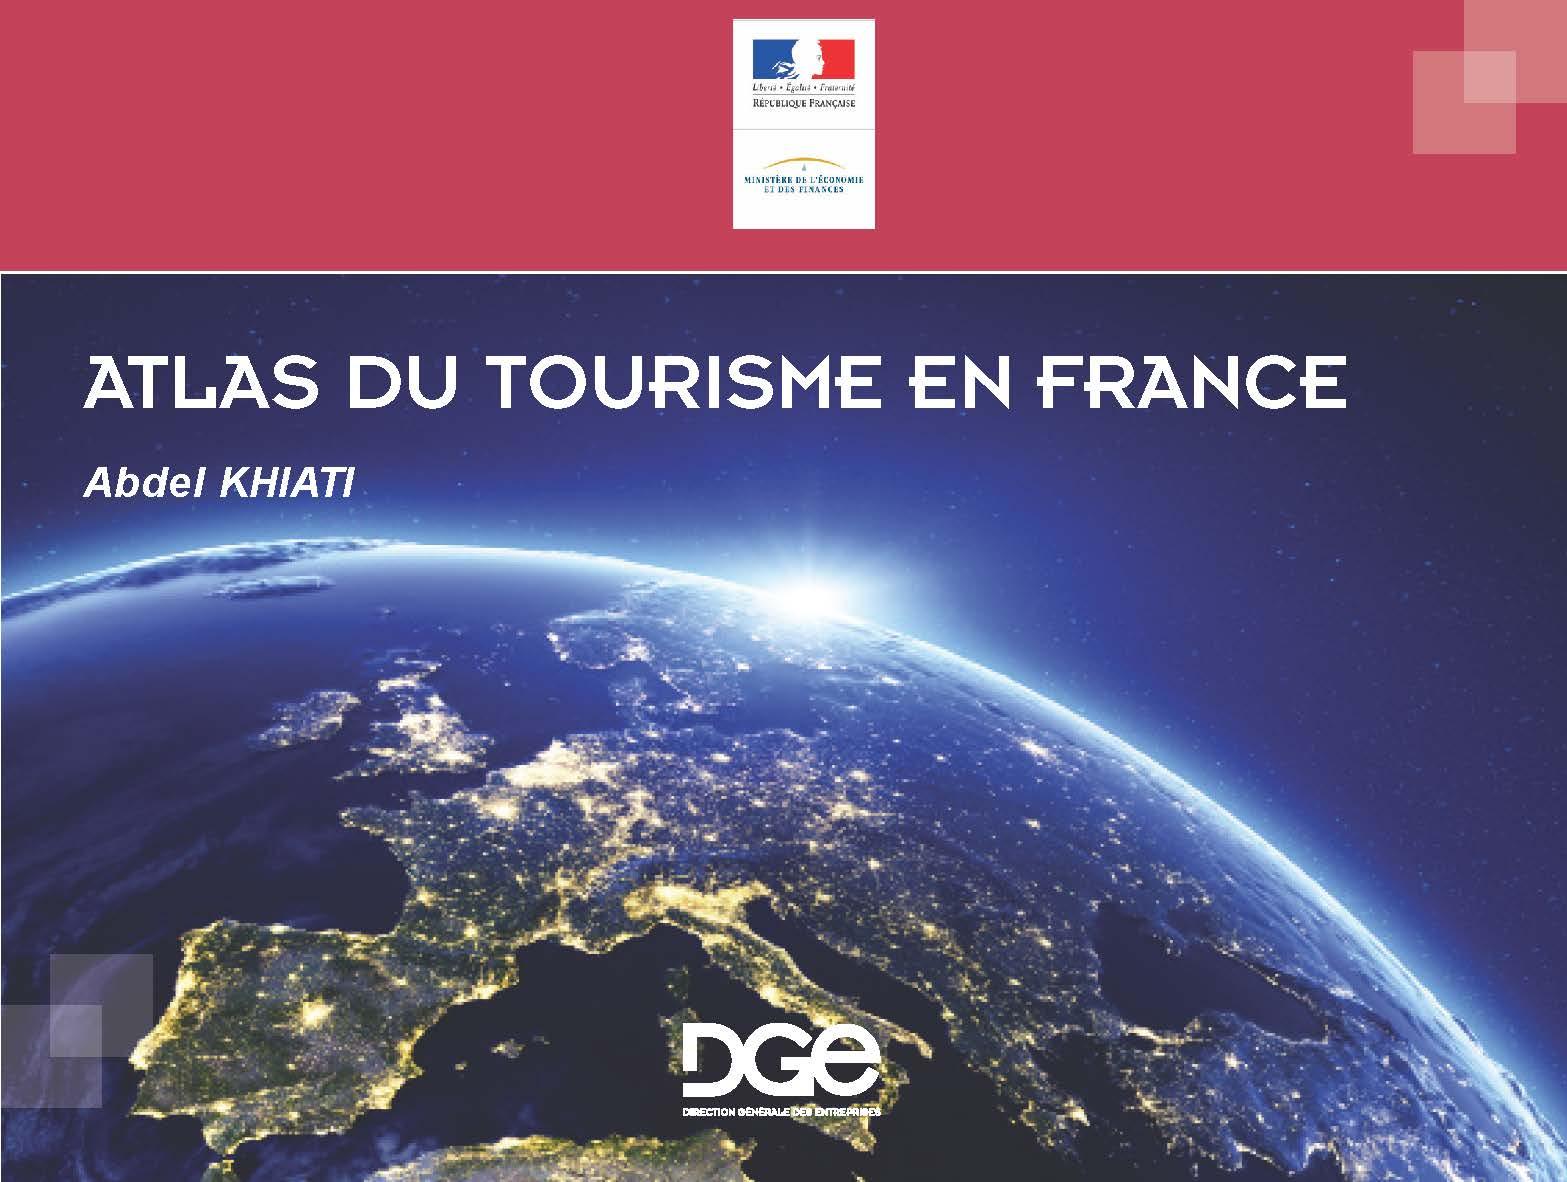 Générale Des France Du Entreprises dge Tourisme L'atlas Direction En xqvApCw76